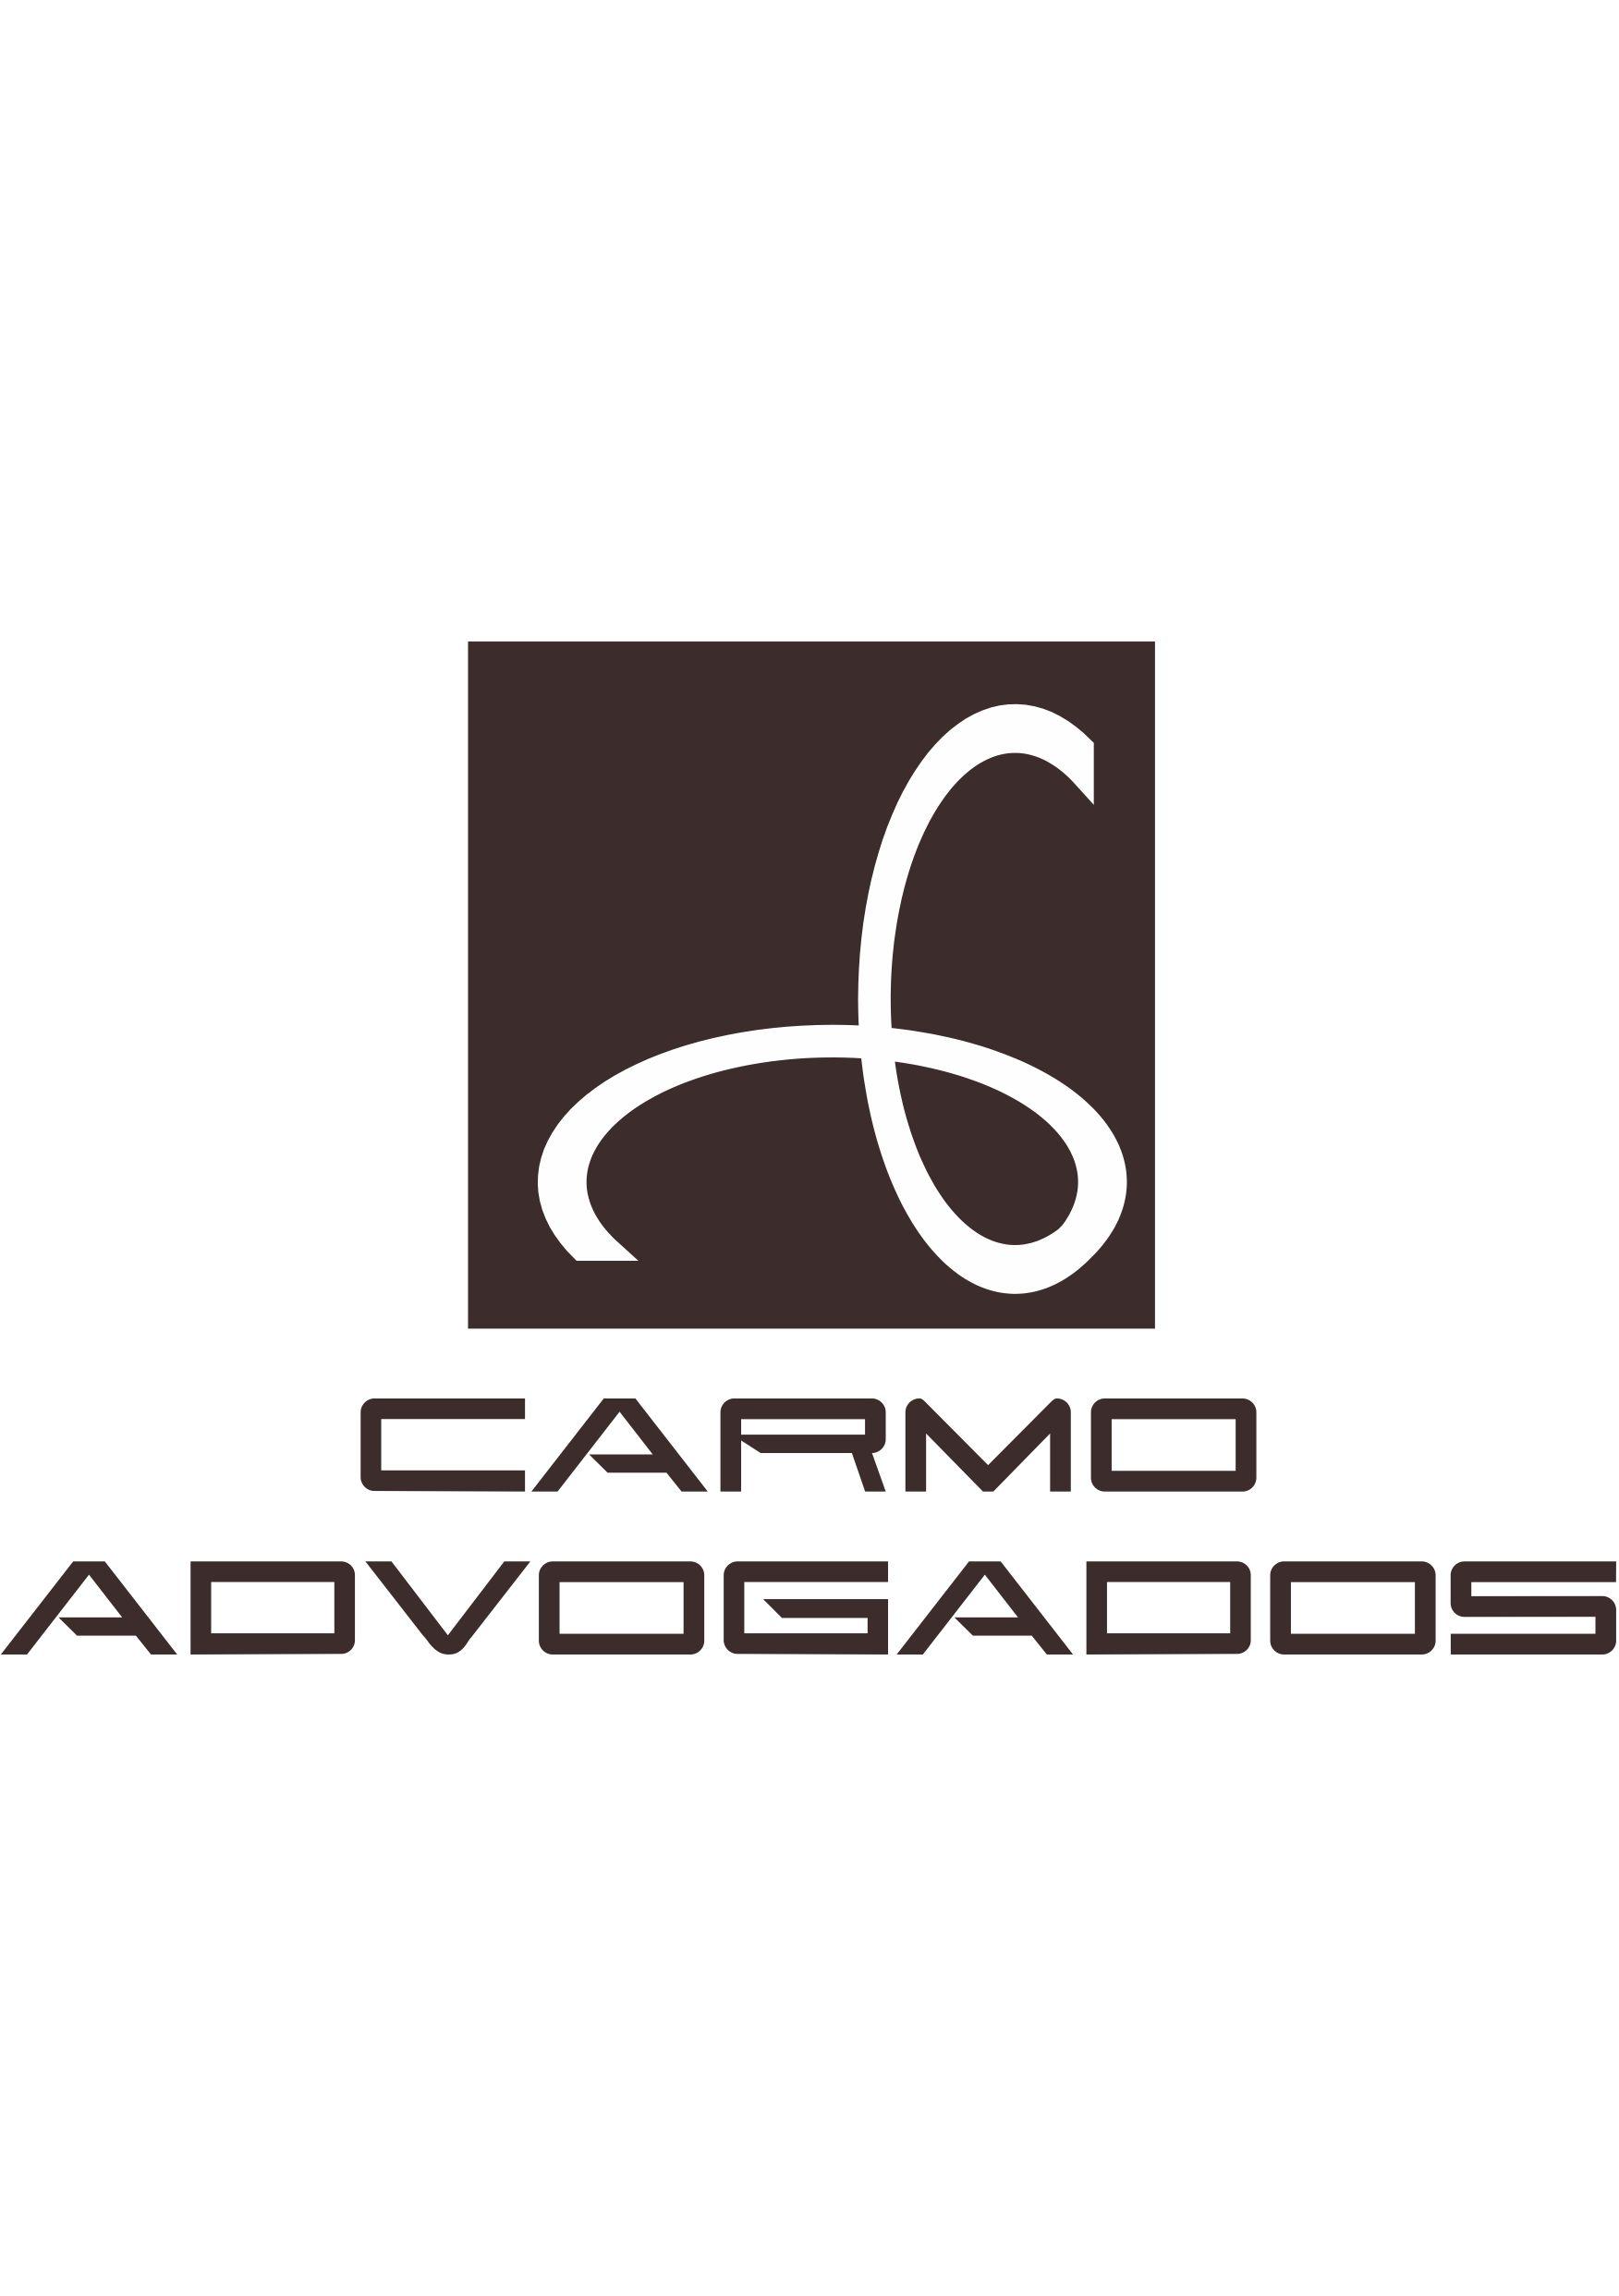 carmo advogados logotipo